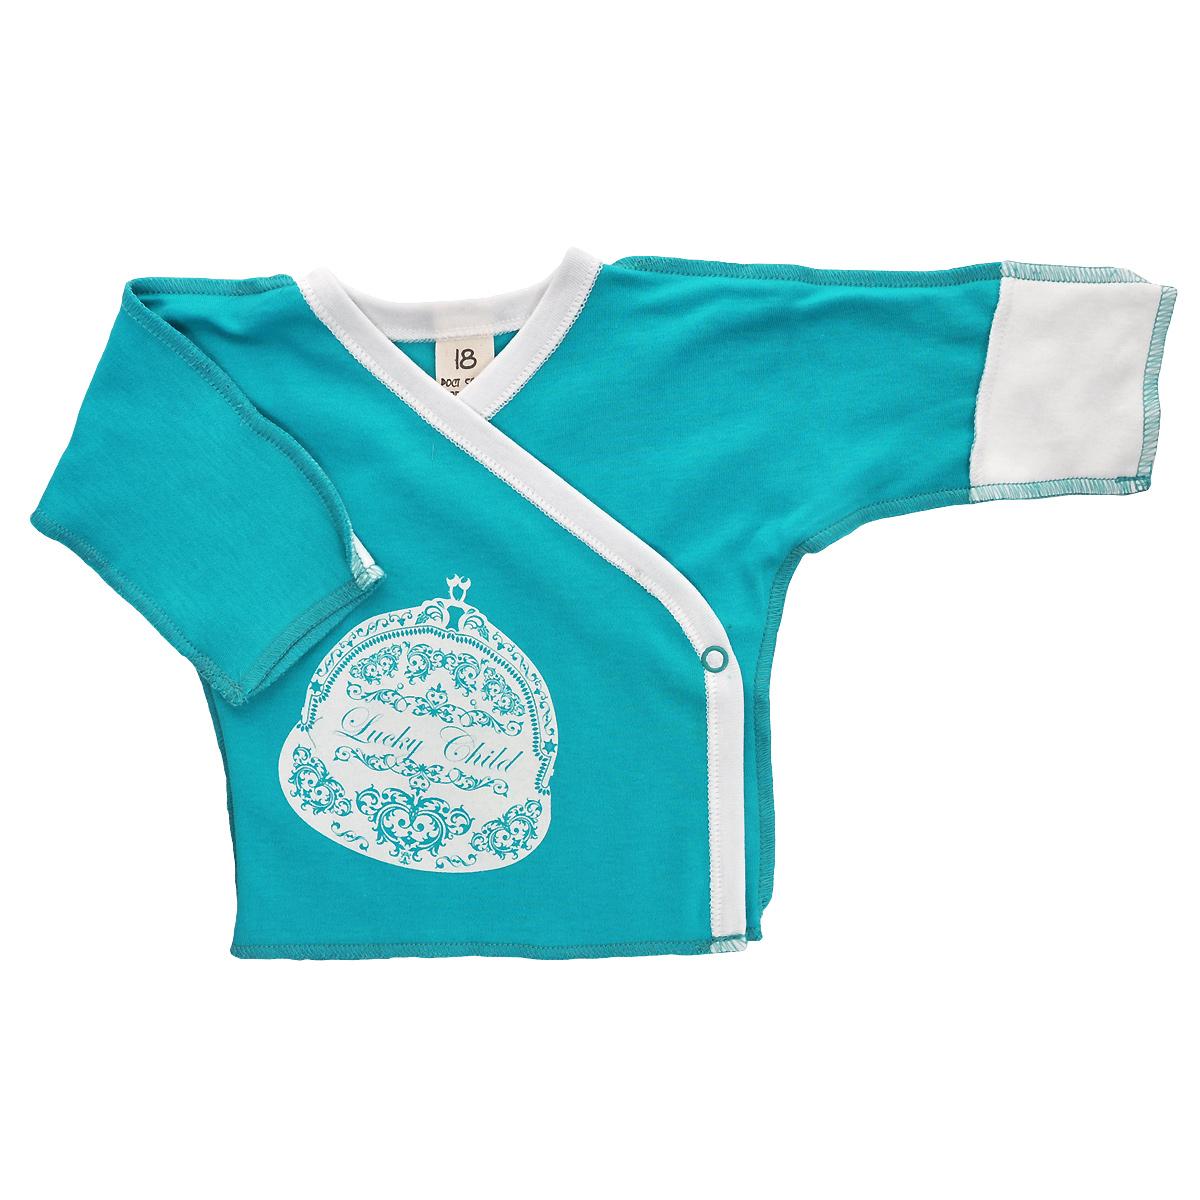 Распашонка Ретро. 14-714-7Распашонка для новорожденного Lucky Child Ретро с длинными рукавами послужит идеальным дополнением к гардеробу вашего малыша, обеспечивая ему наибольший комфорт. Распашонка изготовлена из натурального хлопка, благодаря чему она необычайно мягкая и легкая, не раздражает нежную кожу ребенка и хорошо вентилируется, а эластичные швы приятны телу малыша и не препятствуют его движениям. Распашонка-кимоно для новорожденного, оформленная принтом в ретро-стиле, выполнена швами наружу. Благодаря системе застежек-кнопок по принципу кимоно модель можно полностью расстегнуть. А благодаря рукавичкам ребенок не поцарапает себя. Распашонка полностью соответствует особенностям жизни ребенка в ранний период, не стесняя и не ограничивая его в движениях. В ней ваш малыш всегда будет в центре внимания.